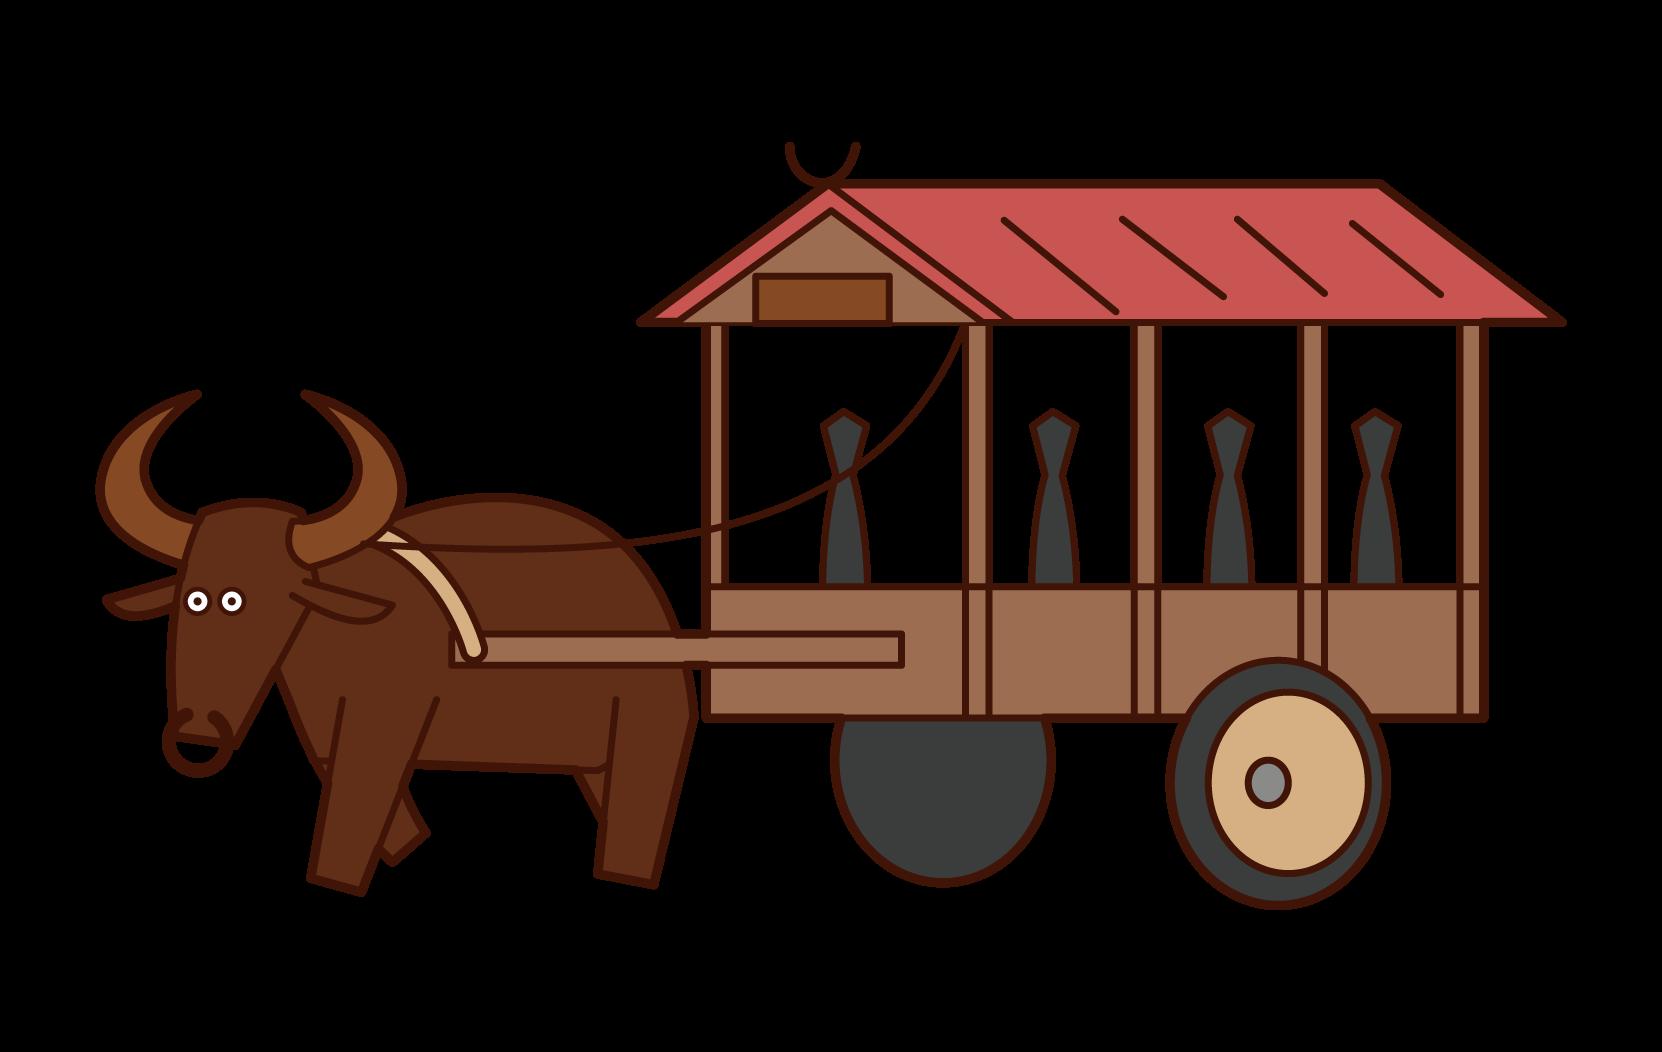 沖縄の水牛のイラスト